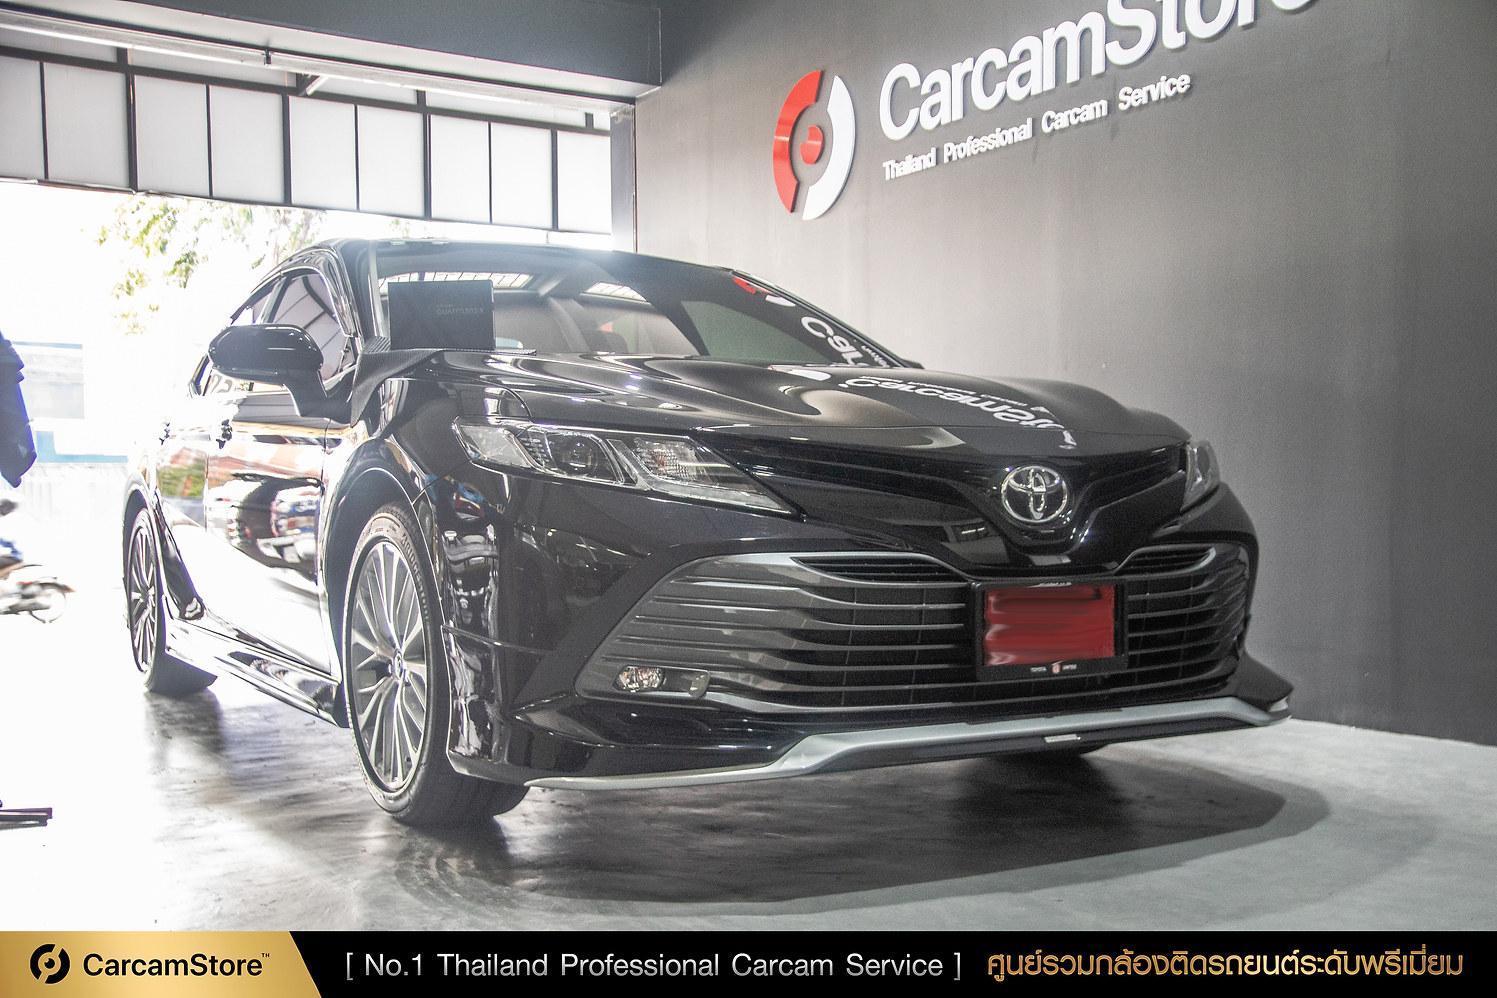 ผลงานติดตั้งระดับมืออาชีพ Thinkware QX800 กับรถ New Toyota Camry